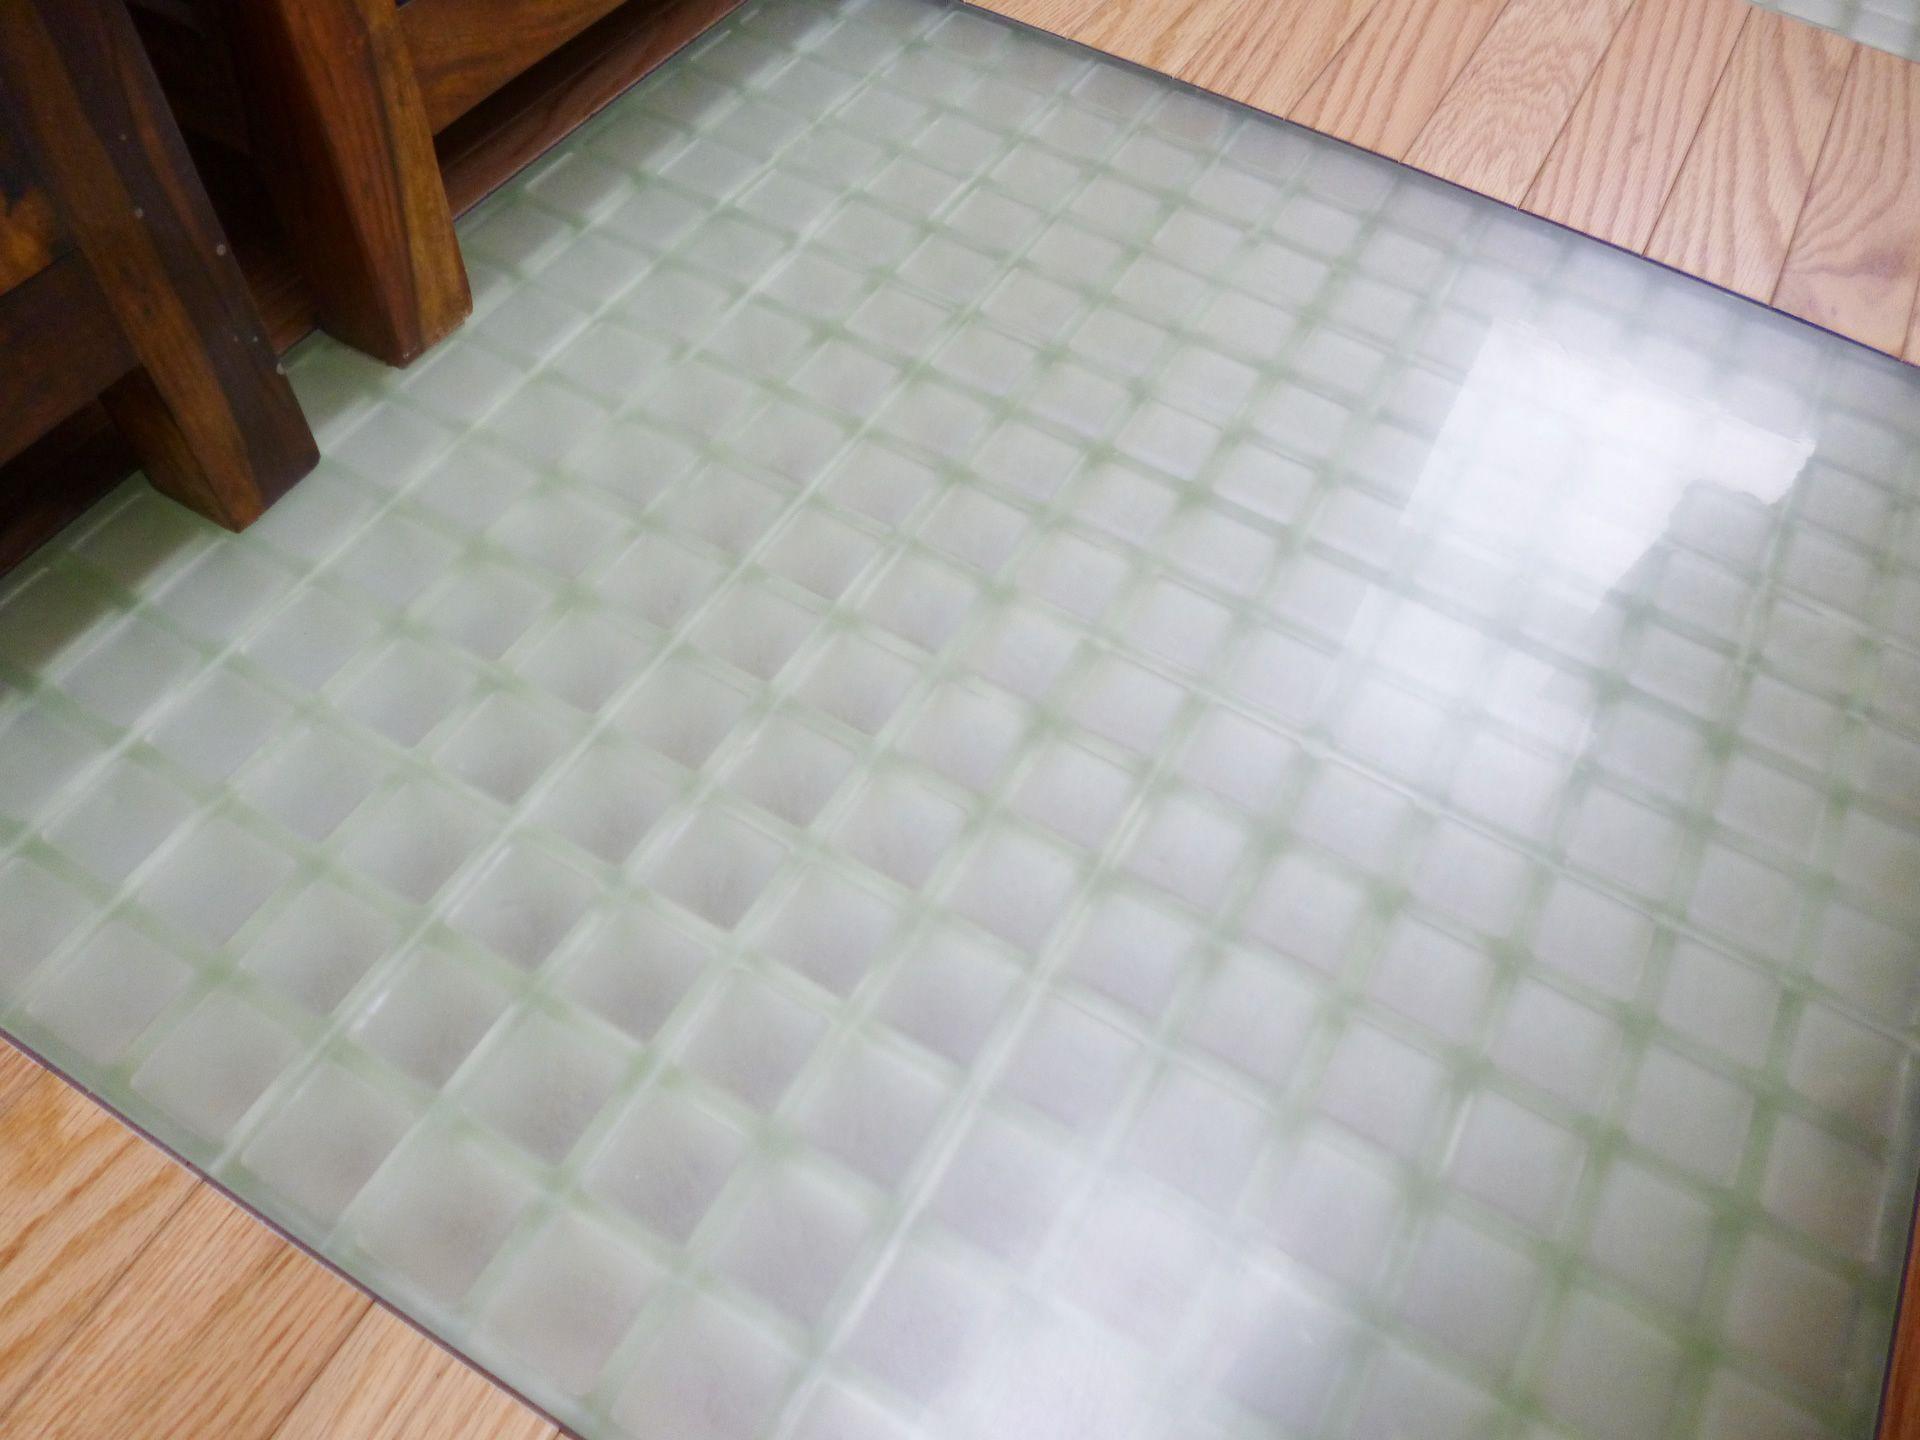 吹き抜けを子供部屋にリフォーム 床には採光のためガラスブロック風